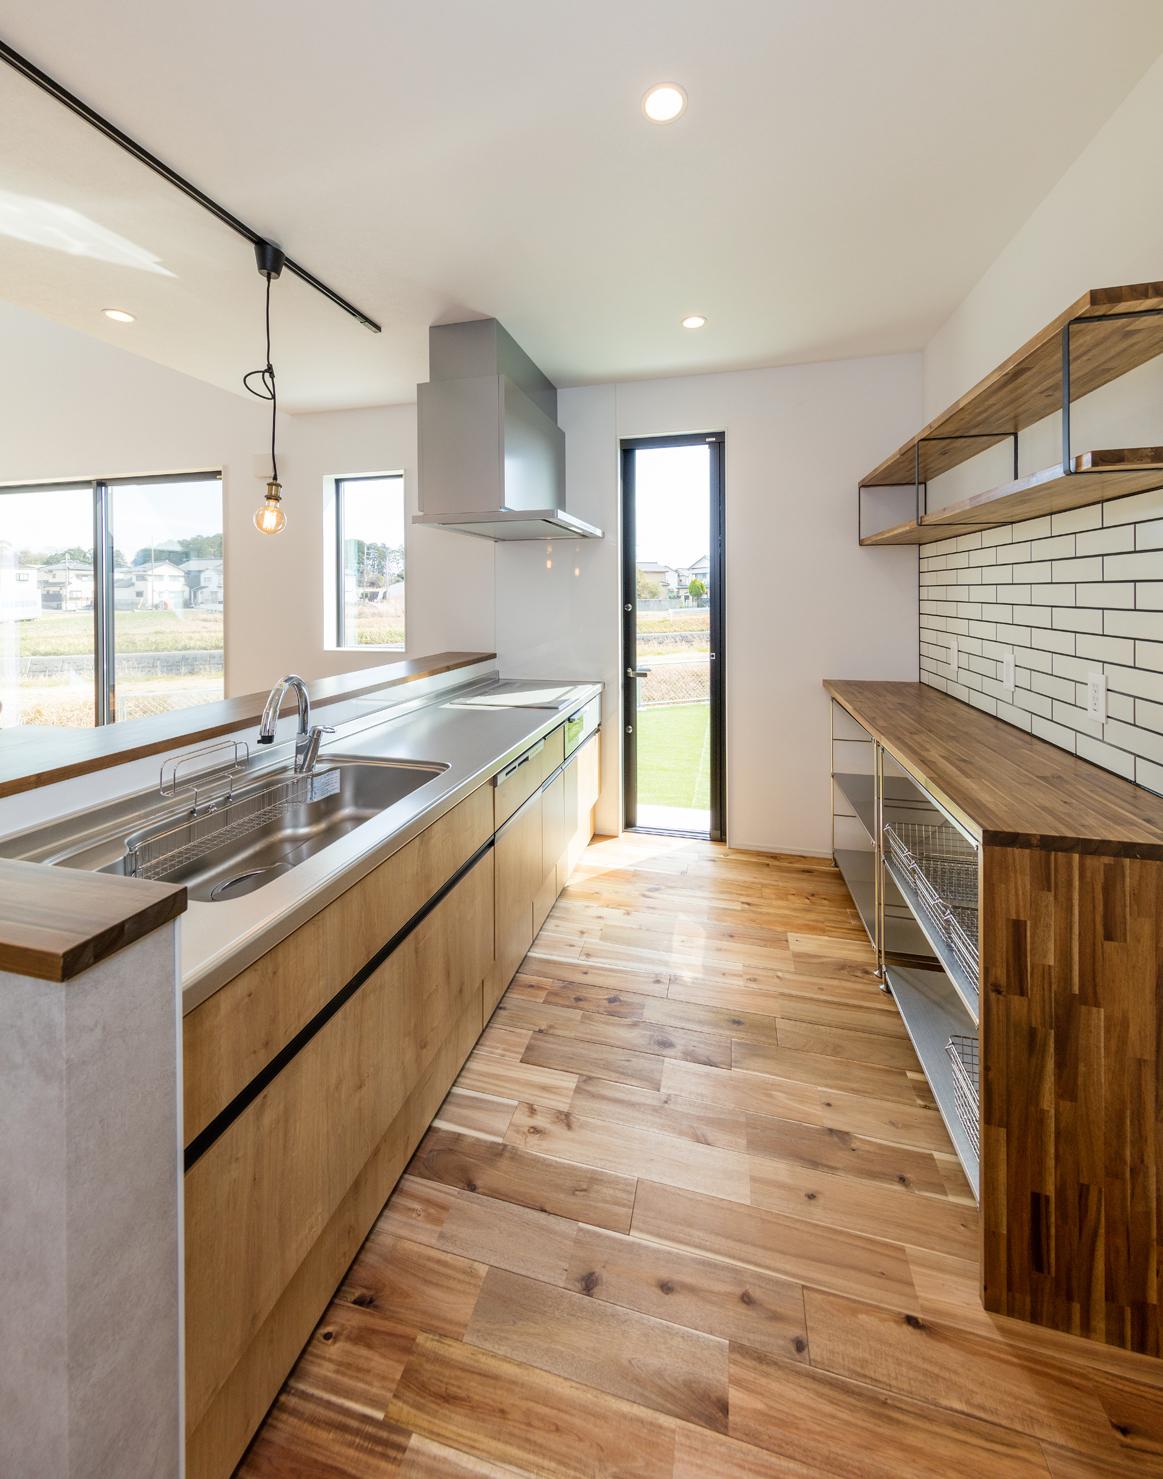 対面キッチンに立つと、LDKや庭を見渡せる。背面の壁はタイル張りにし、造作の収納を設けてある。上部のオープンラックにはお気に入りの器やキッチンアイテムを飾って、室内をオシャレに演出